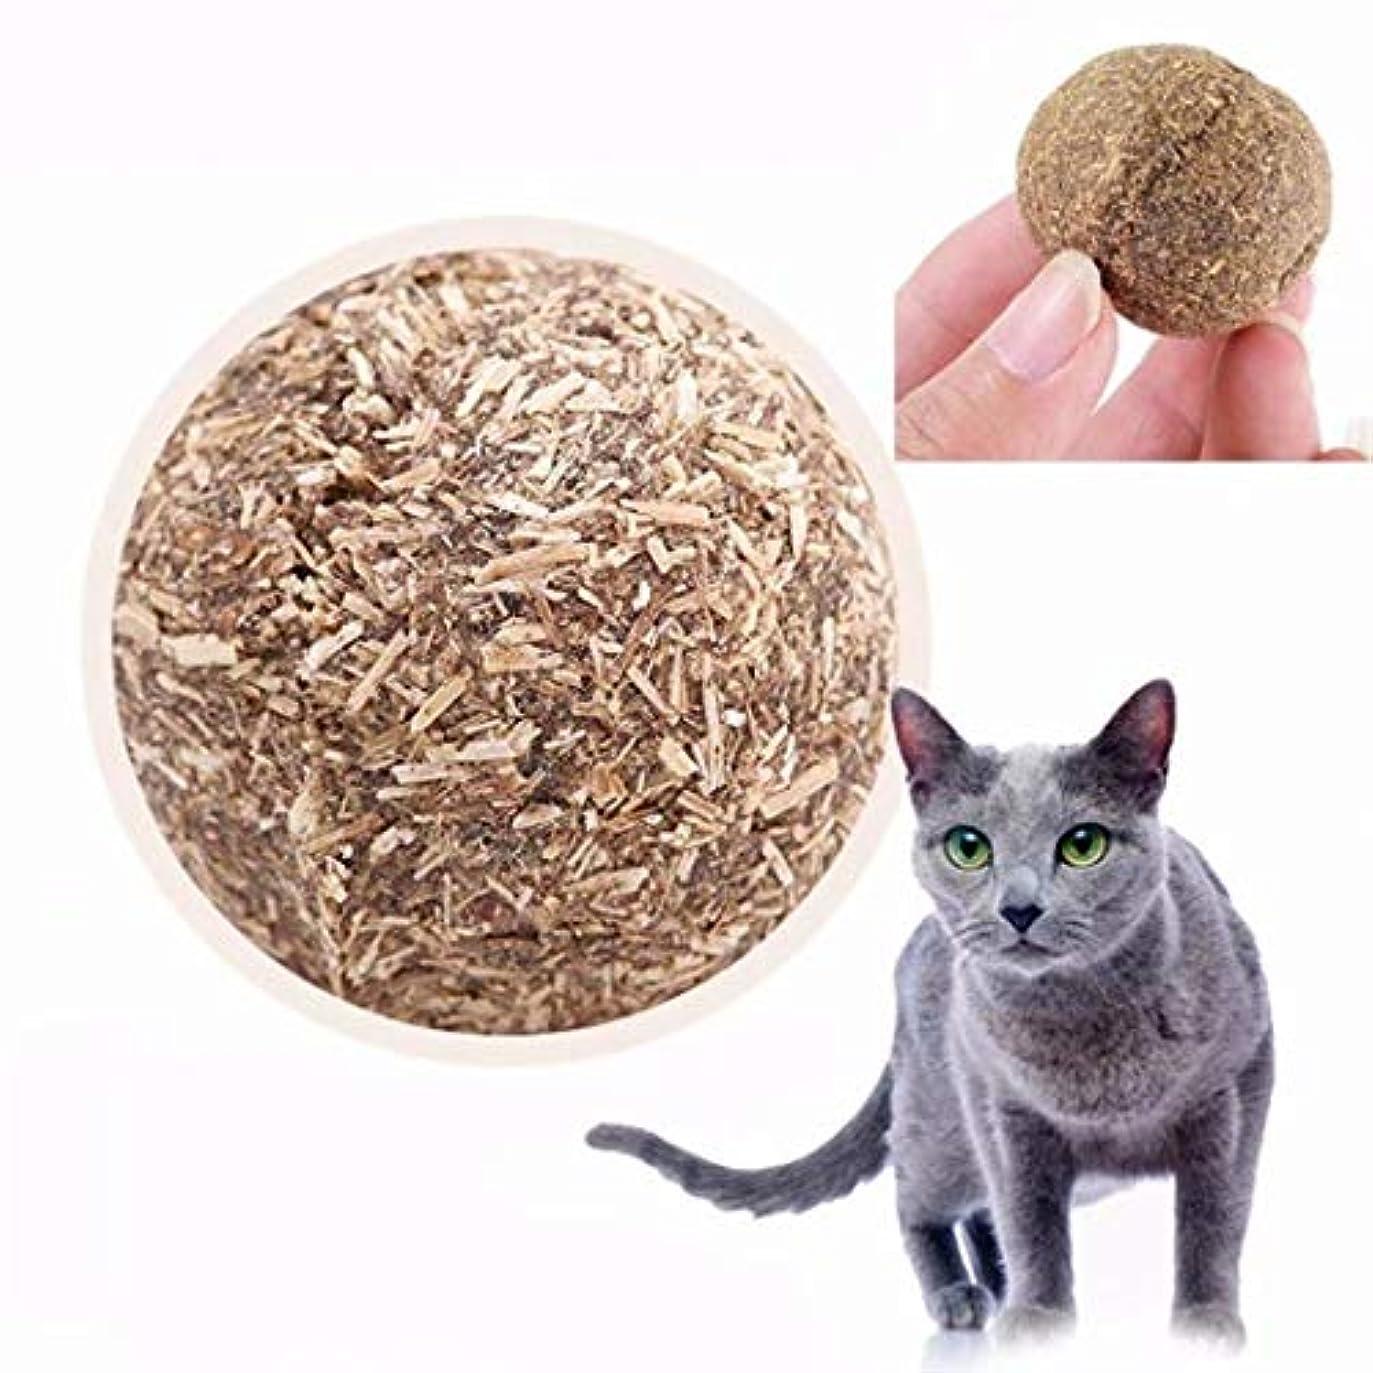 吸収剤しっとりペイント七里の香 猫ミントボール 歯ぎしり?噛むおもちゃ 猫ストレス解消グッズ